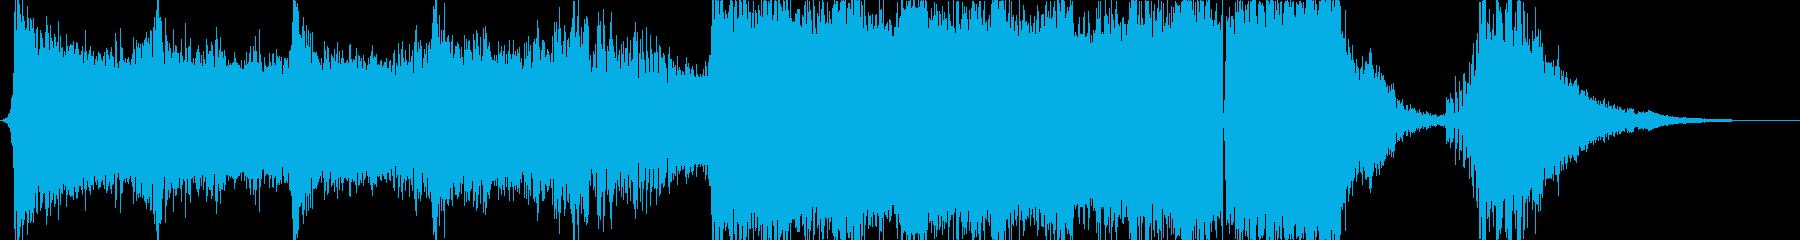 電気音響シンフォニー 積極的 焦り...の再生済みの波形